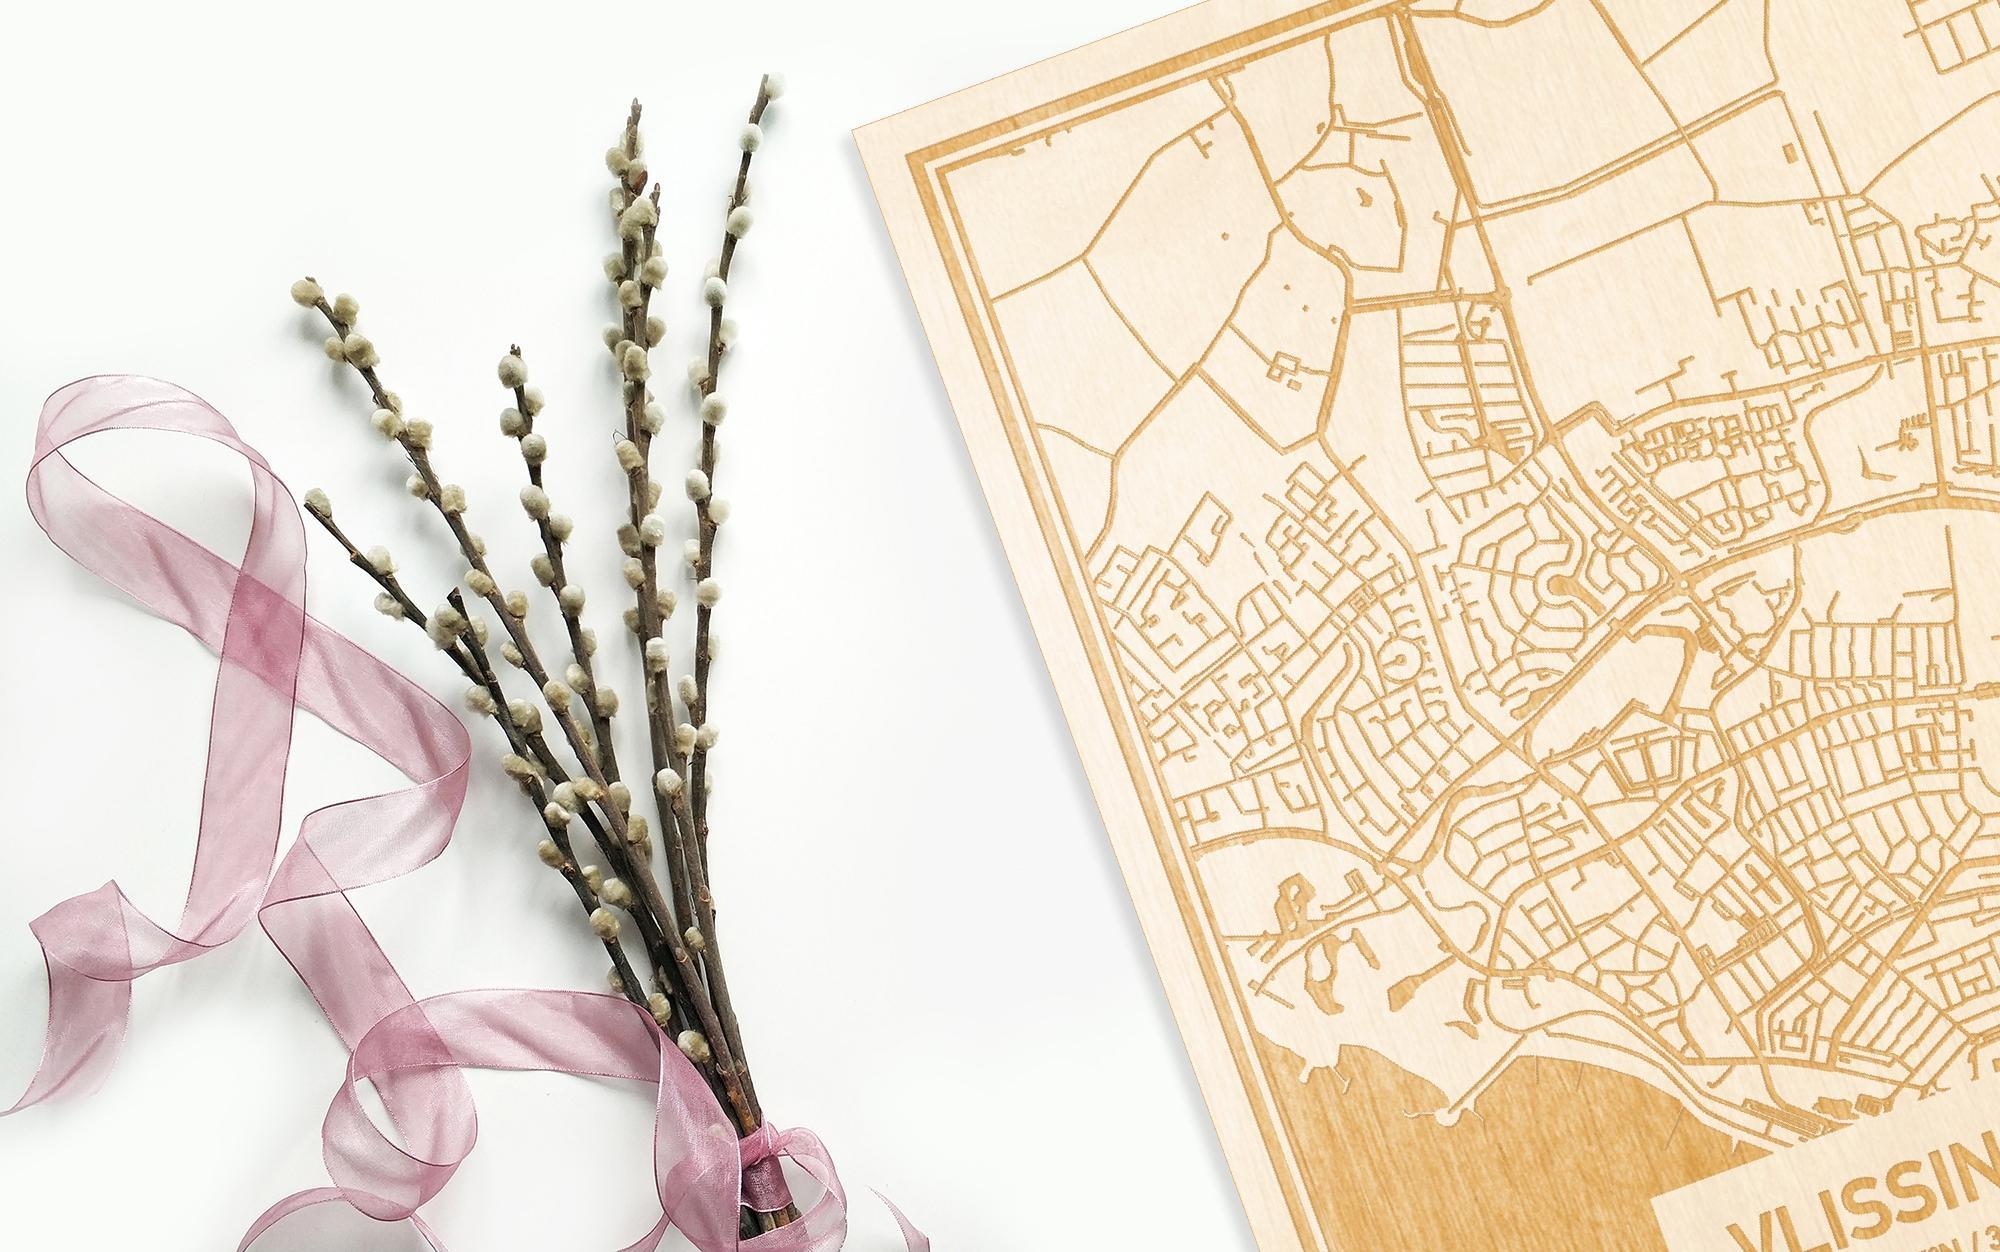 Hier ligt de houten plattegrond Vlissingen naast een bloemetje als gepersonaliseerd cadeau voor haar.